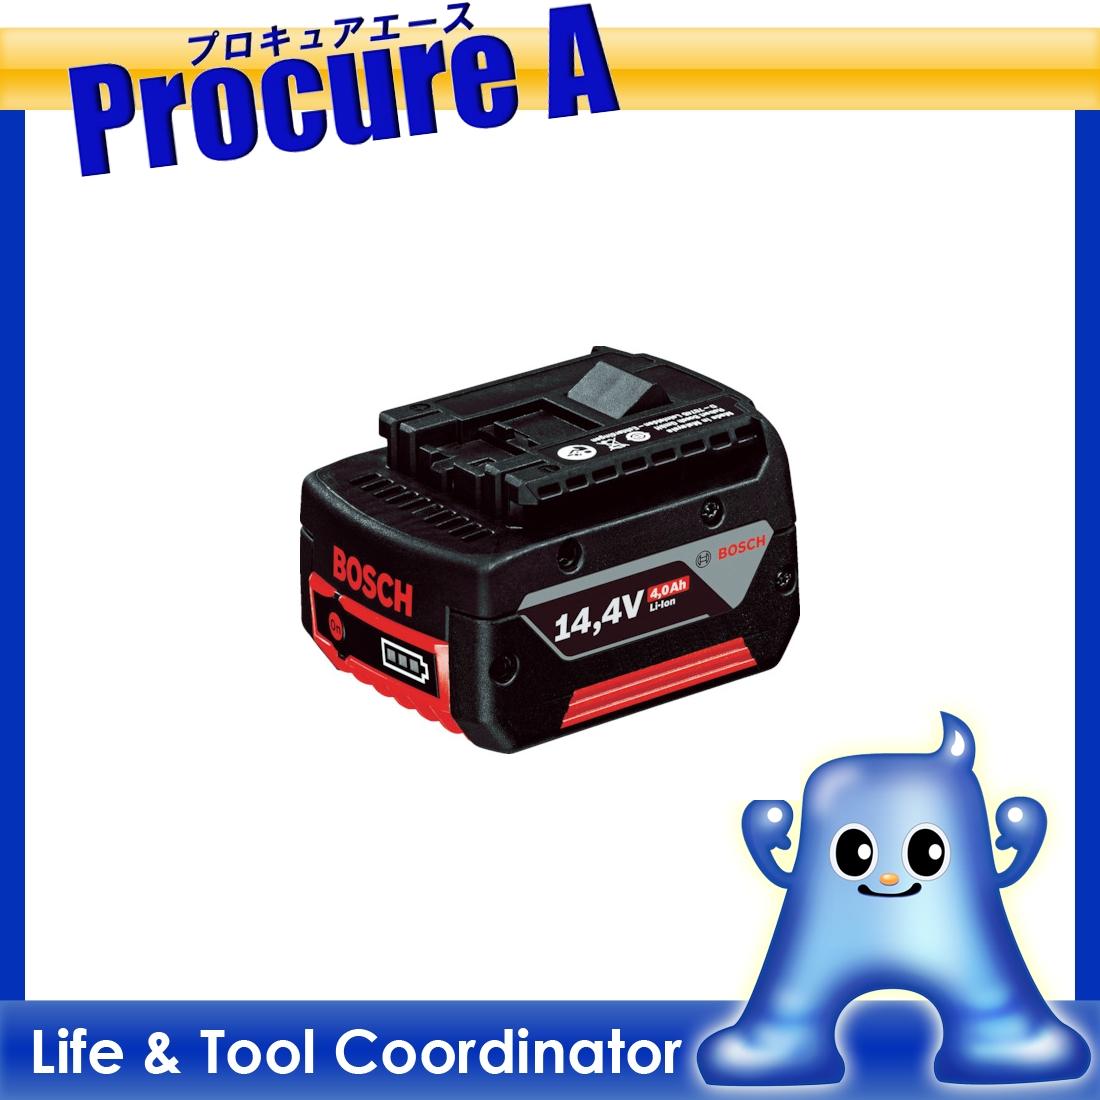 ボッシュ バッテリー スライド式 14.4Vリチウムイオン A1440LIB ▼496-3156 ボッシュ(株) BOSCH